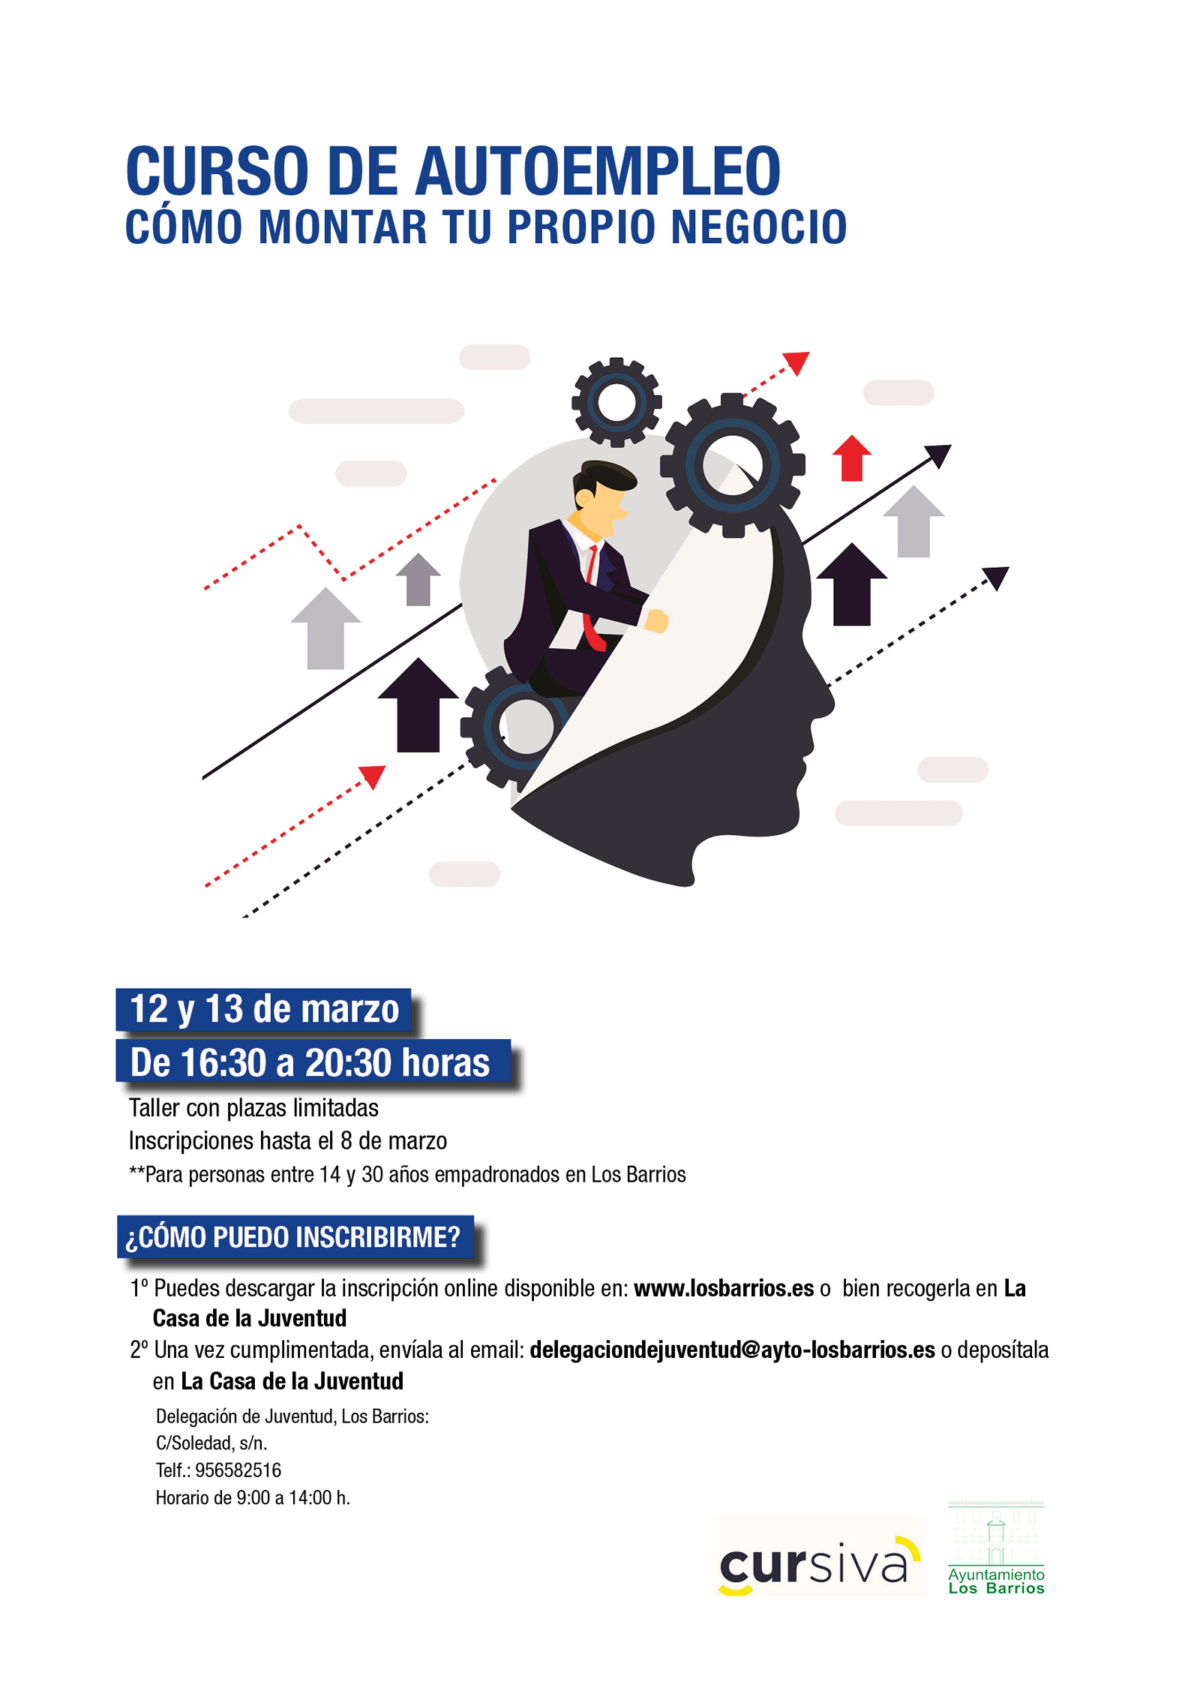 Curso De Autoempleo Como Montar Tu Propio Negocio Ayuntamiento